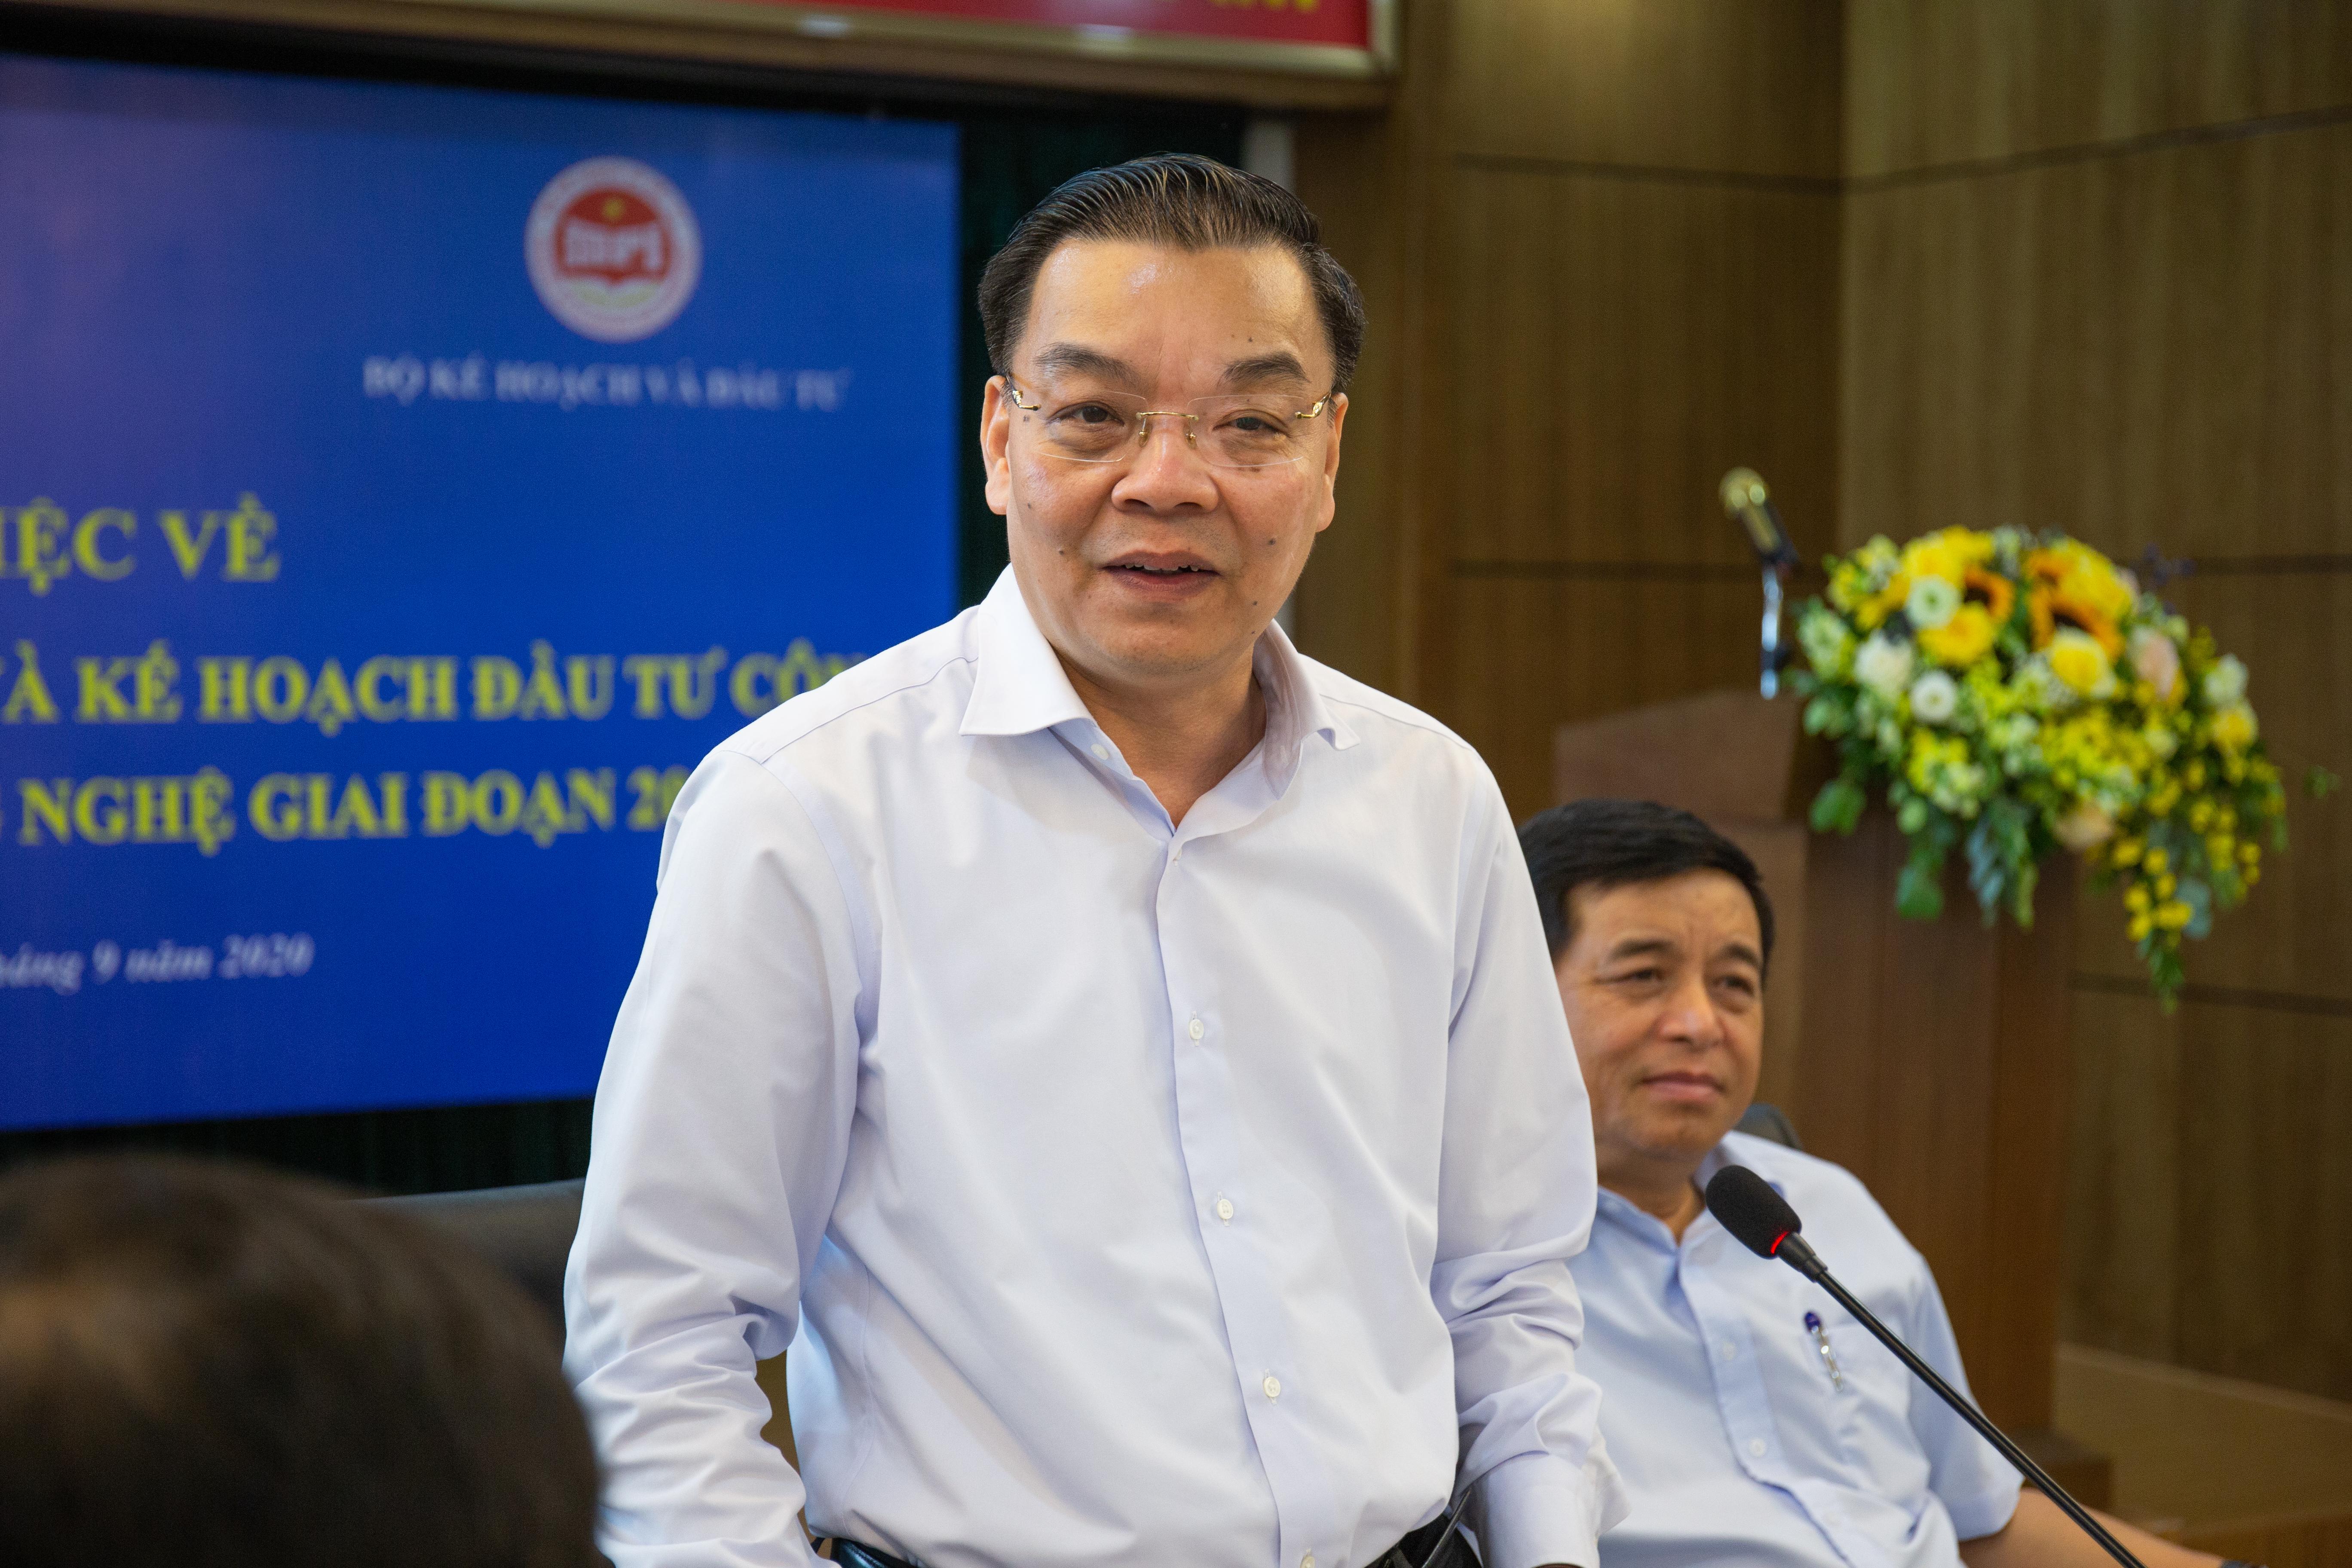 Bộ trưởng Chu Ngọc Anh phát biểu tại sự kiện. Ảnh: Hoàng Nam